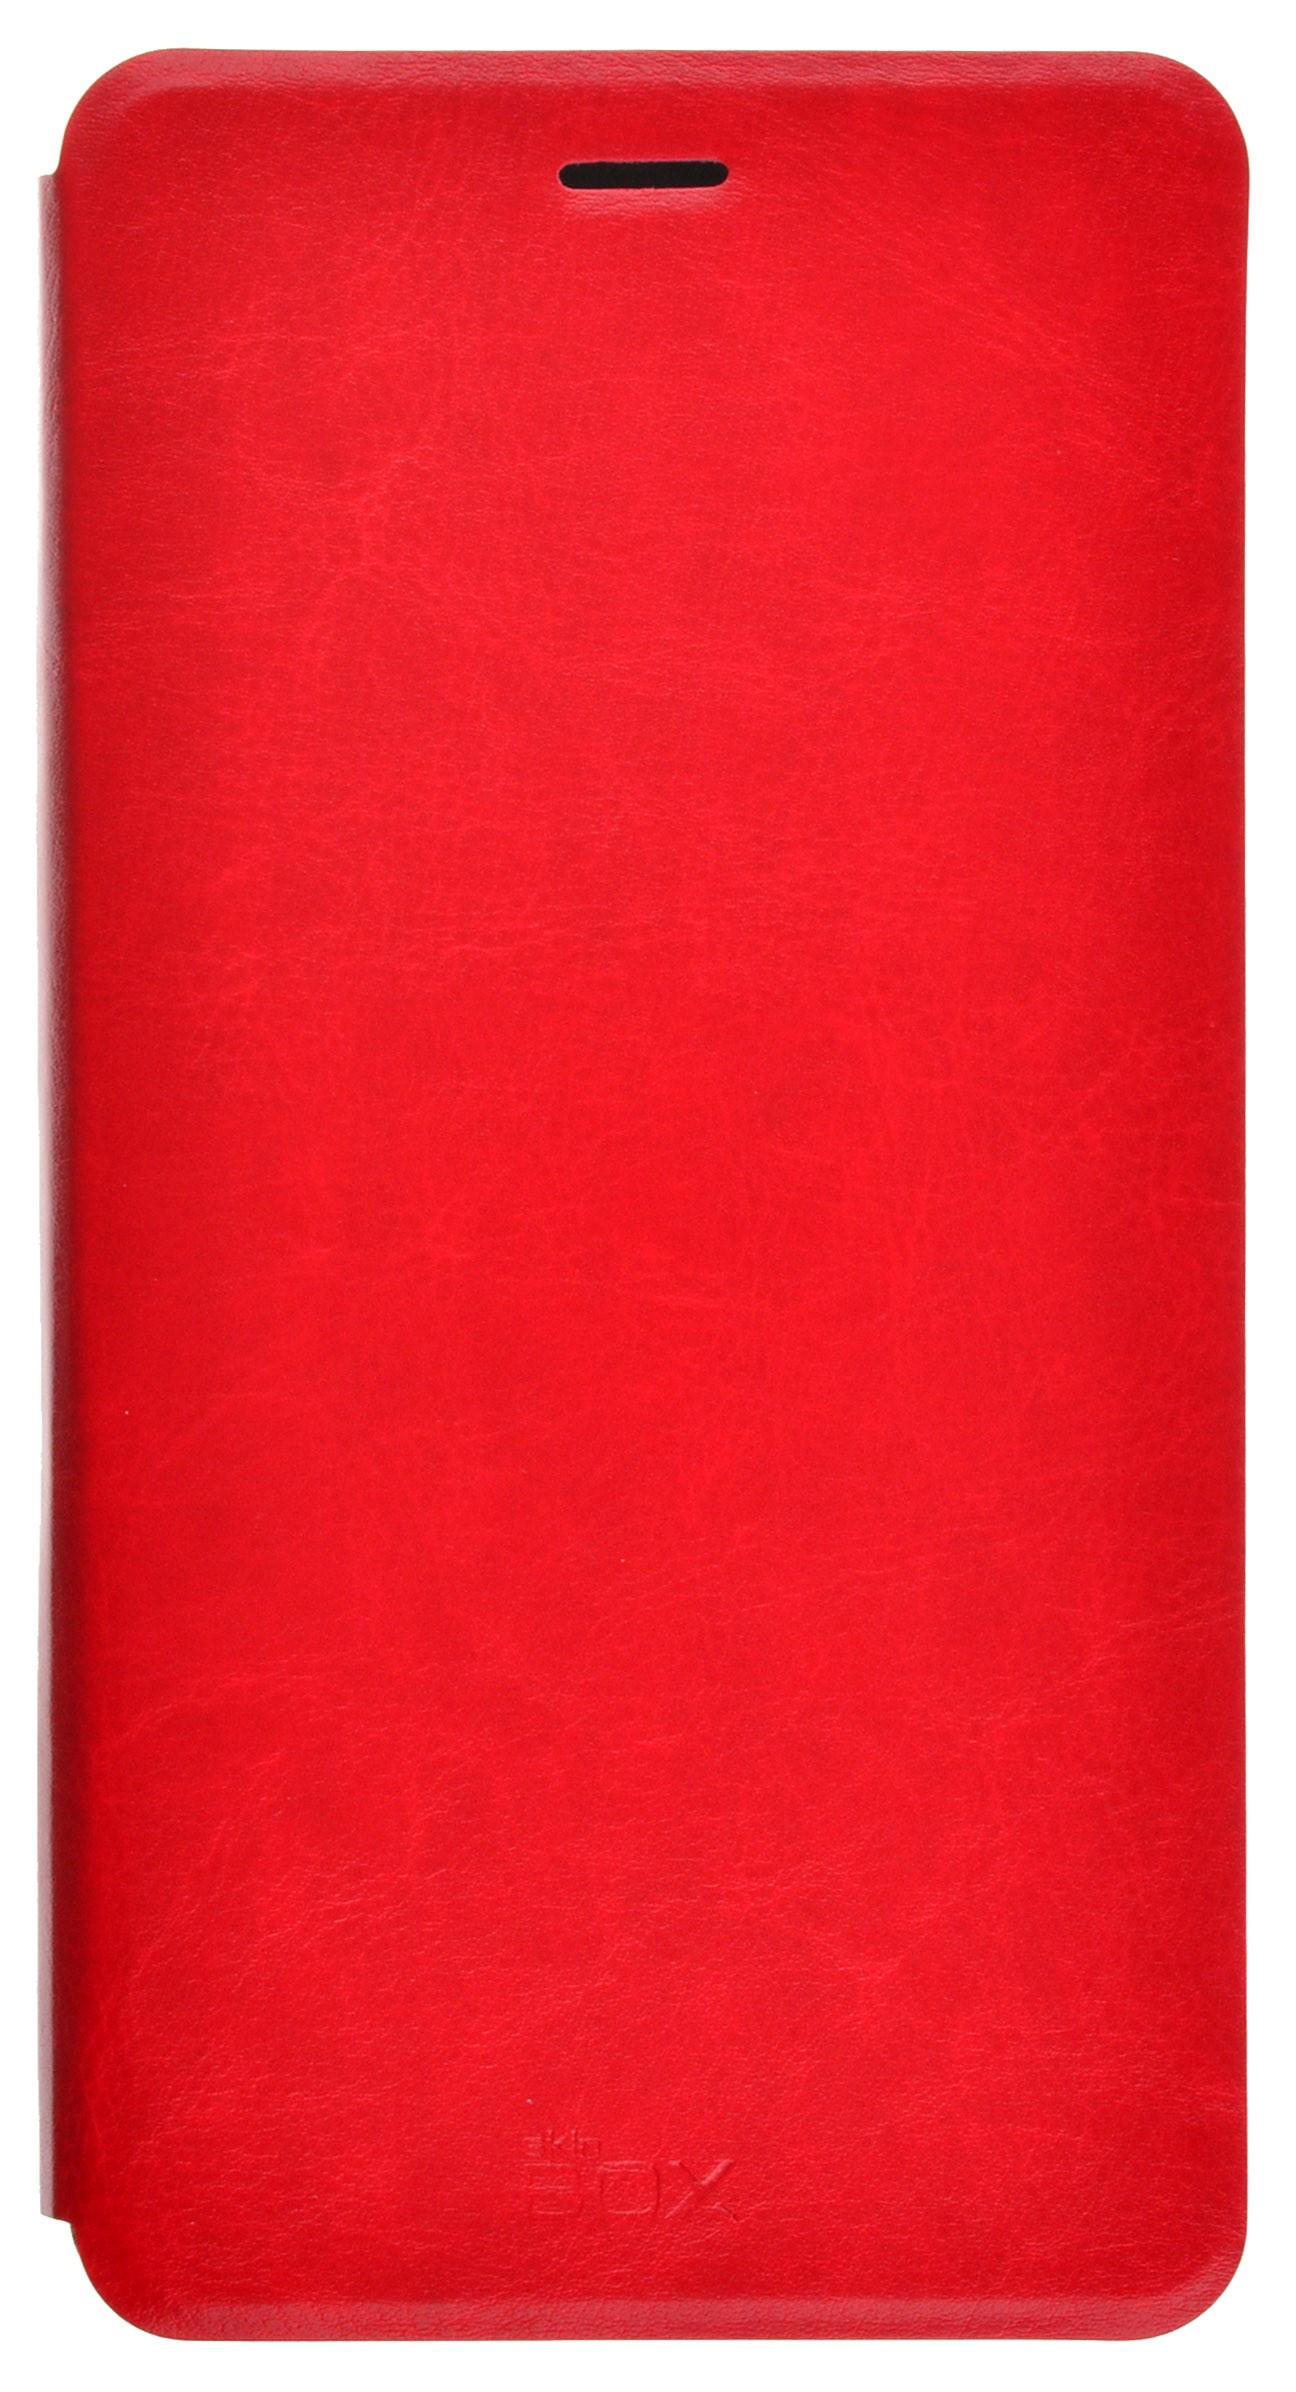 Чехол skinBOX Lux для Asus ZU680KL, 2000000097527, красный цена и фото